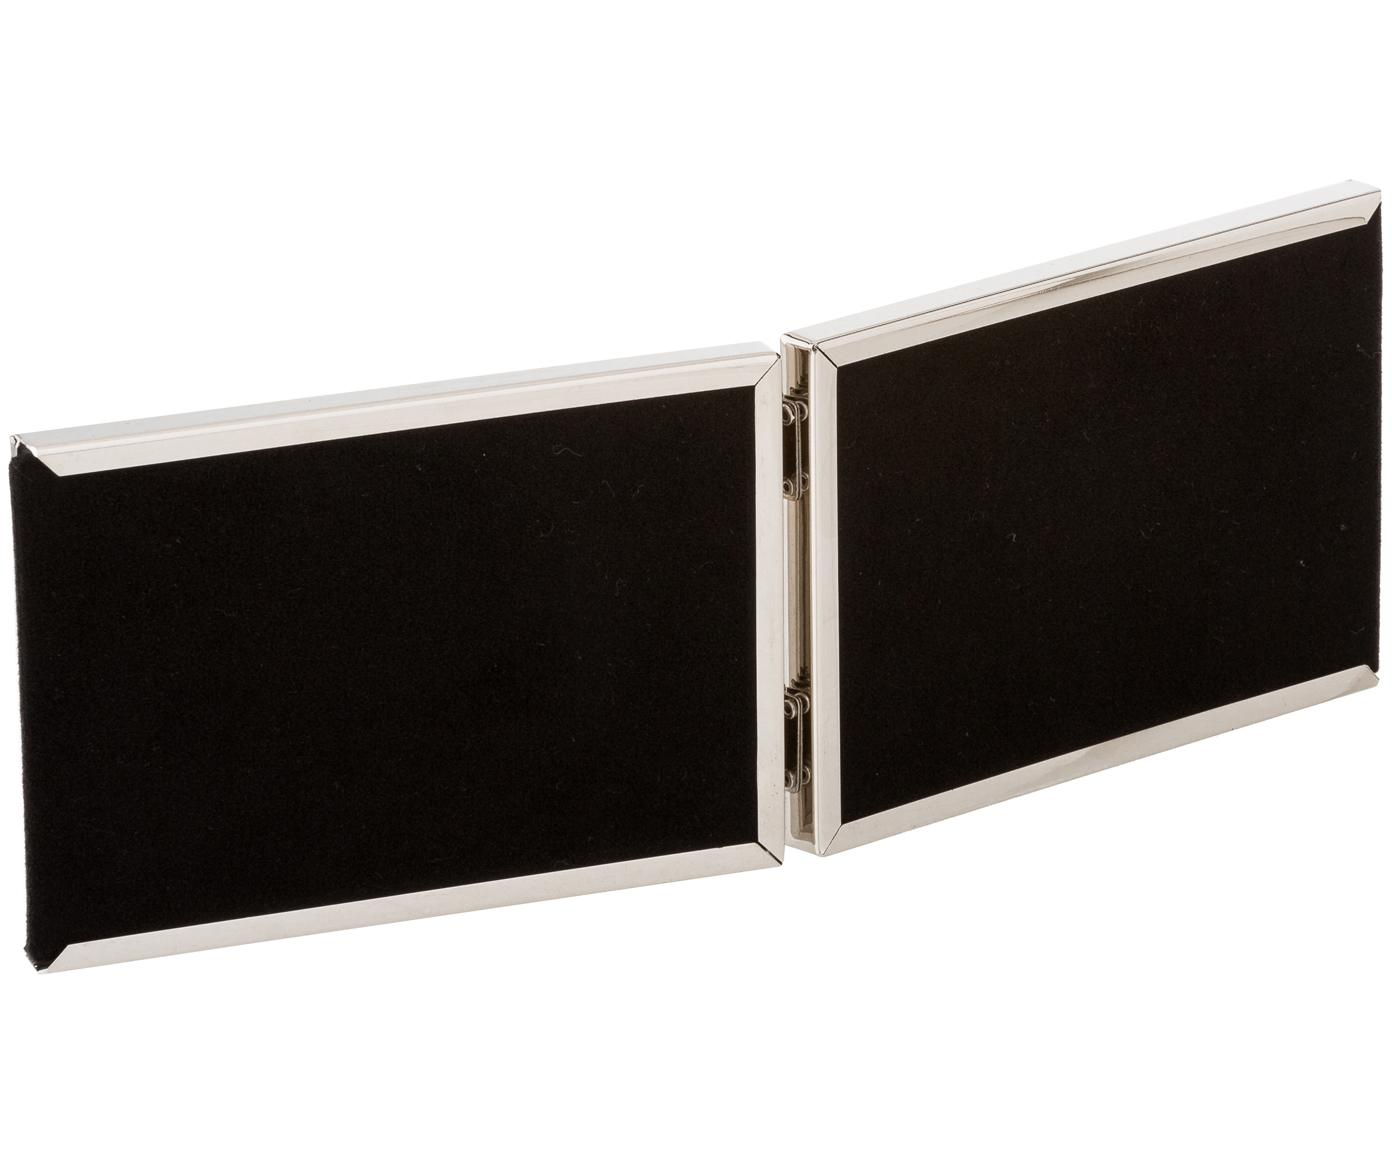 Cadre Carla, Cadre: couleur argentée Vitrage: transparent